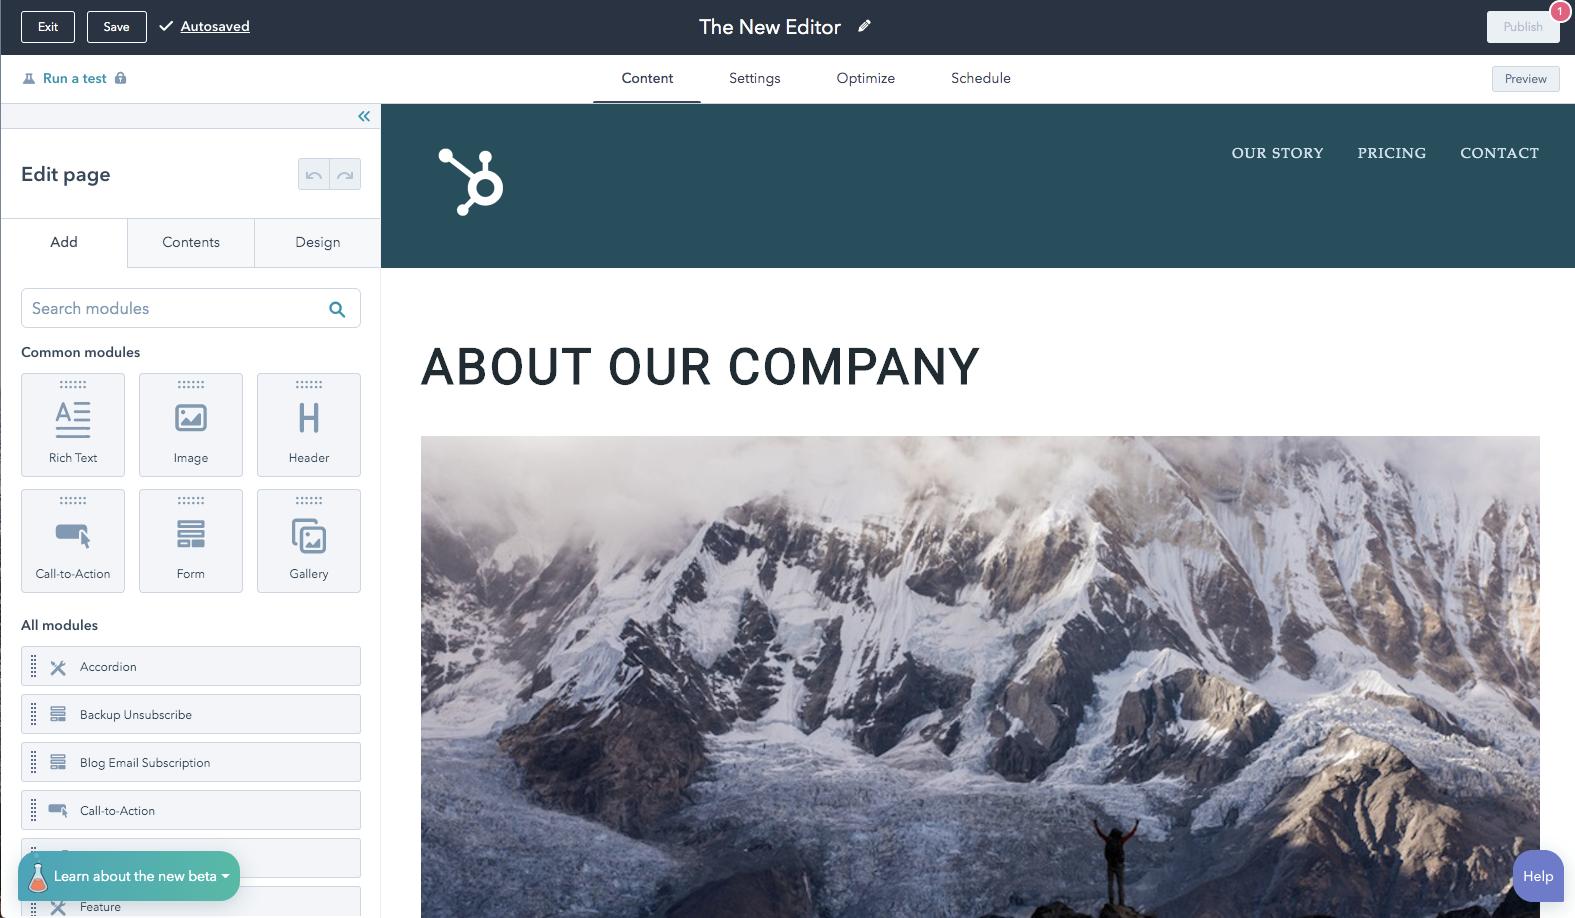 HubSpot: 2 Updates, die mehr Kontrolle über die Inhaltserstellung geben